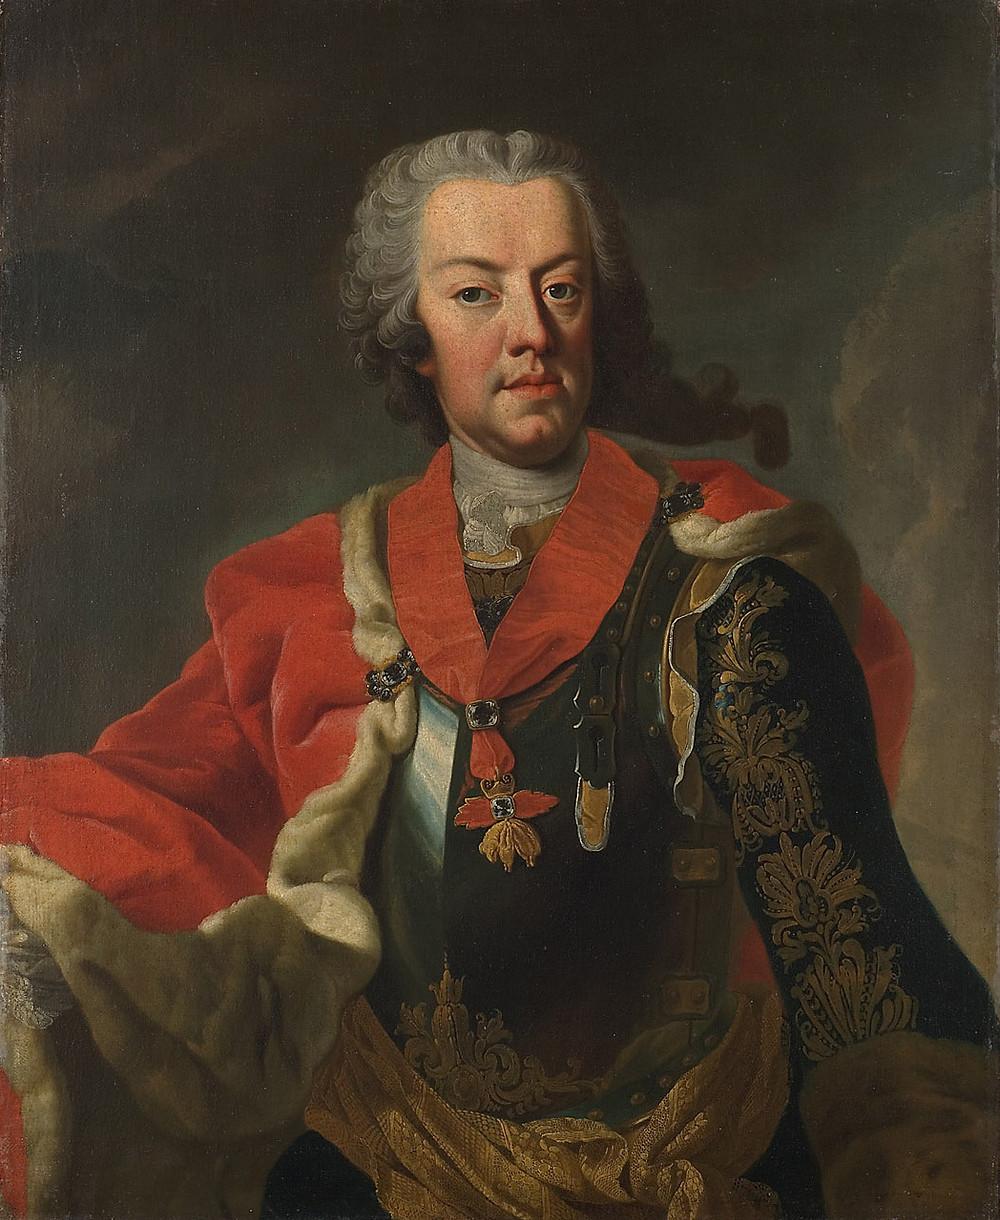 Charles-Alexandre de Lorraine, maison des brasseurs bruxelles, vincent beckers, visite guidée, bruxelles